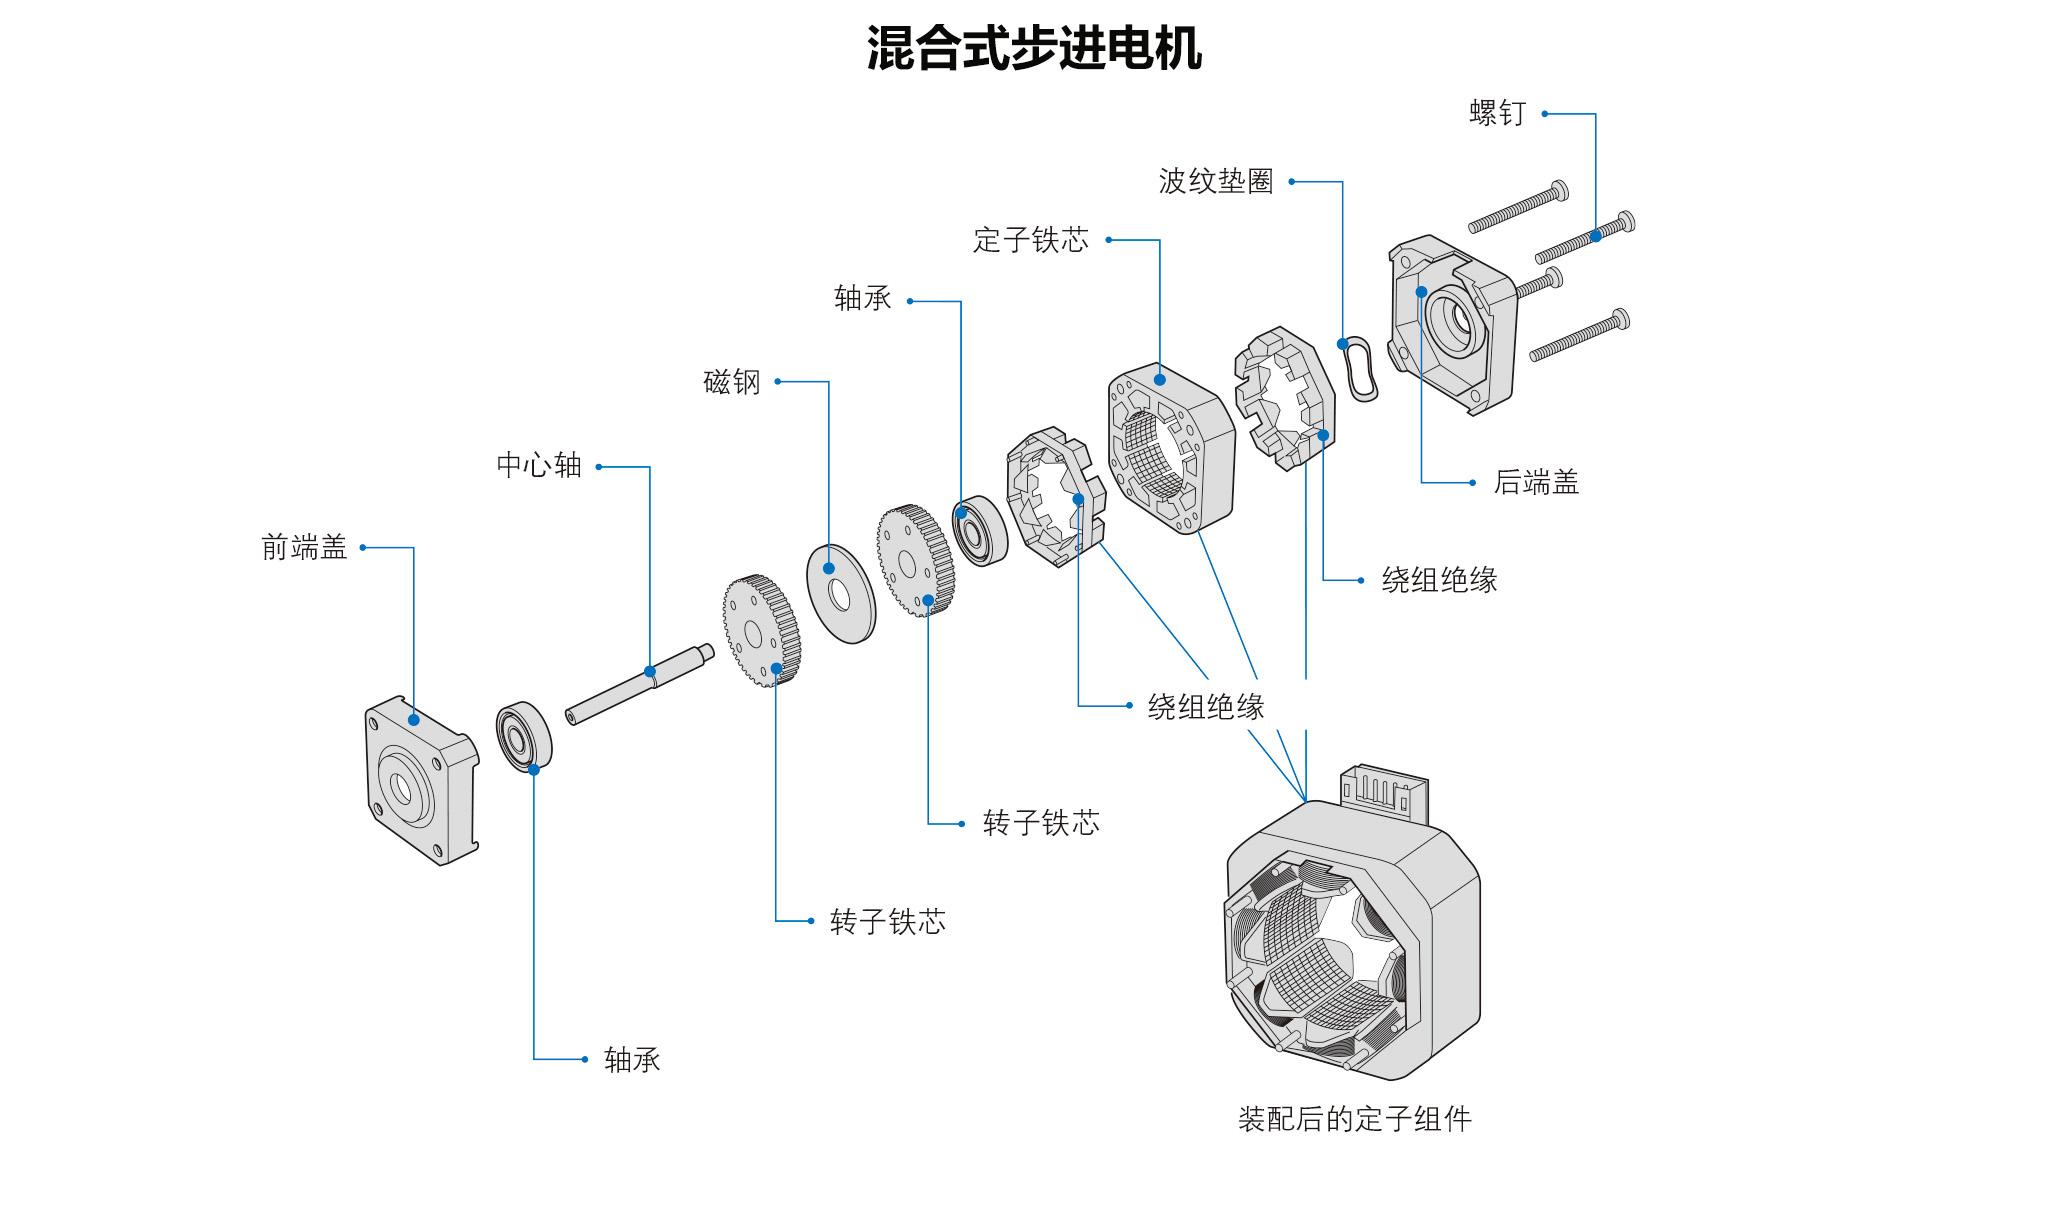 混合式步进电机结构图